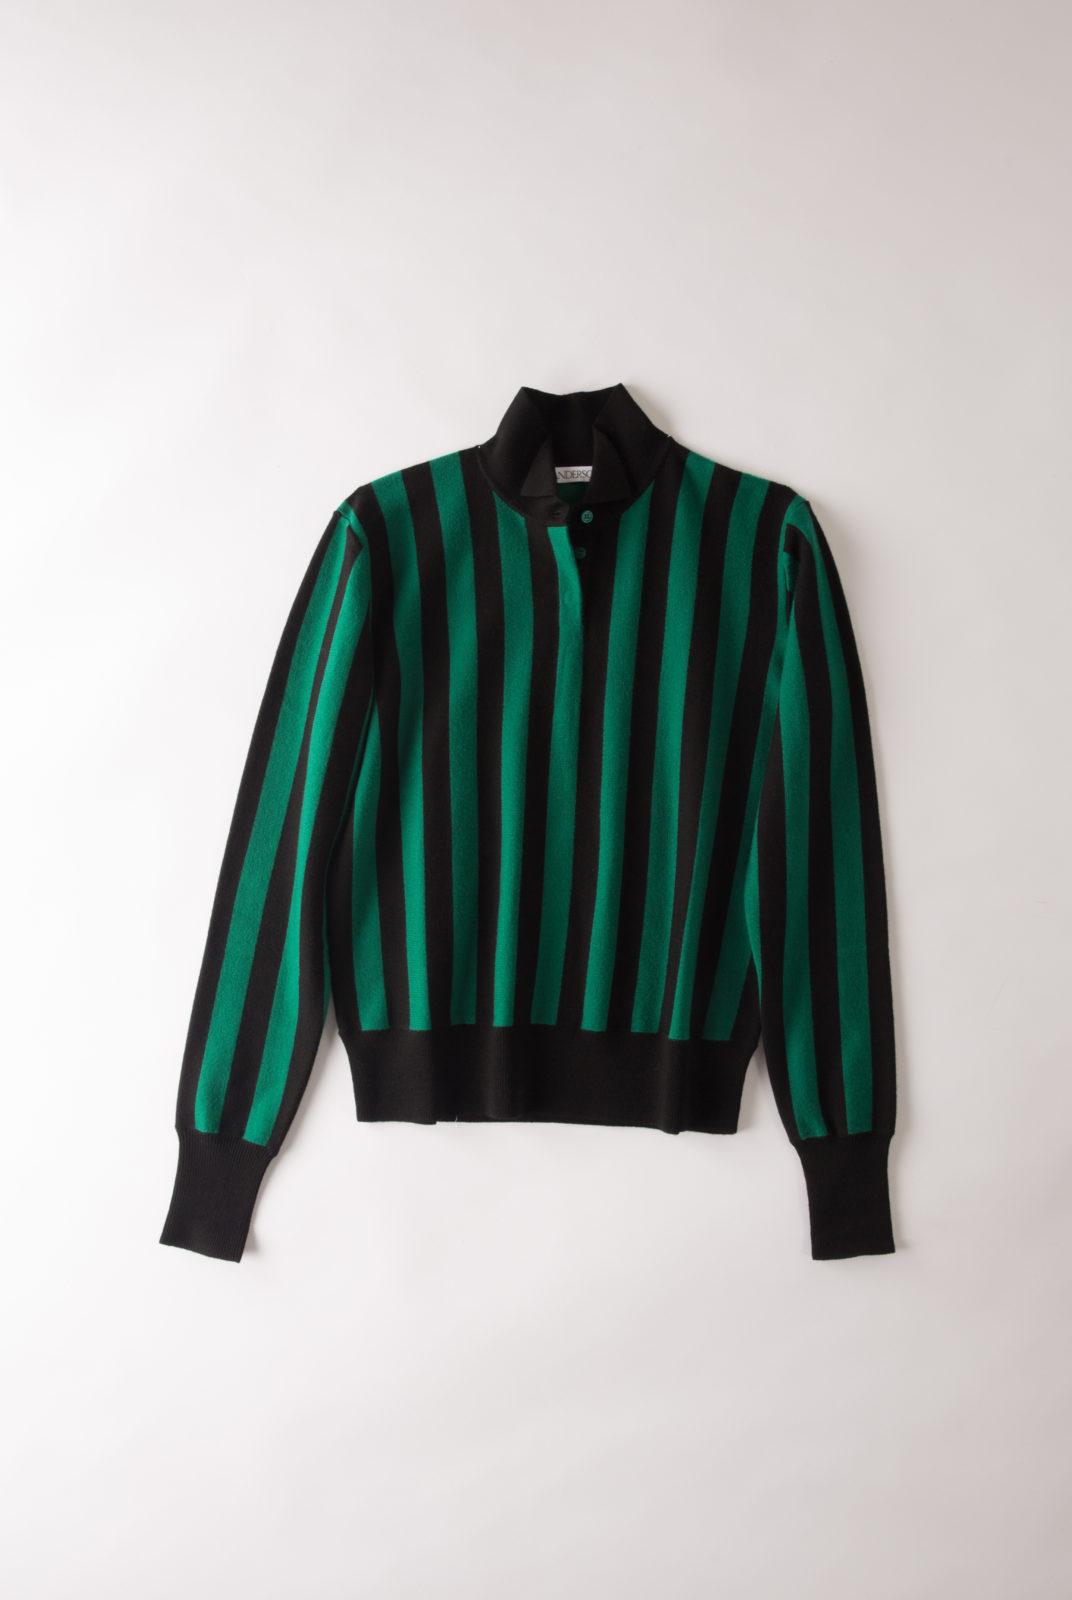 Pull Rayure, vert et noir, col montant, manches longues, fermeture à boutons, JWAnderson